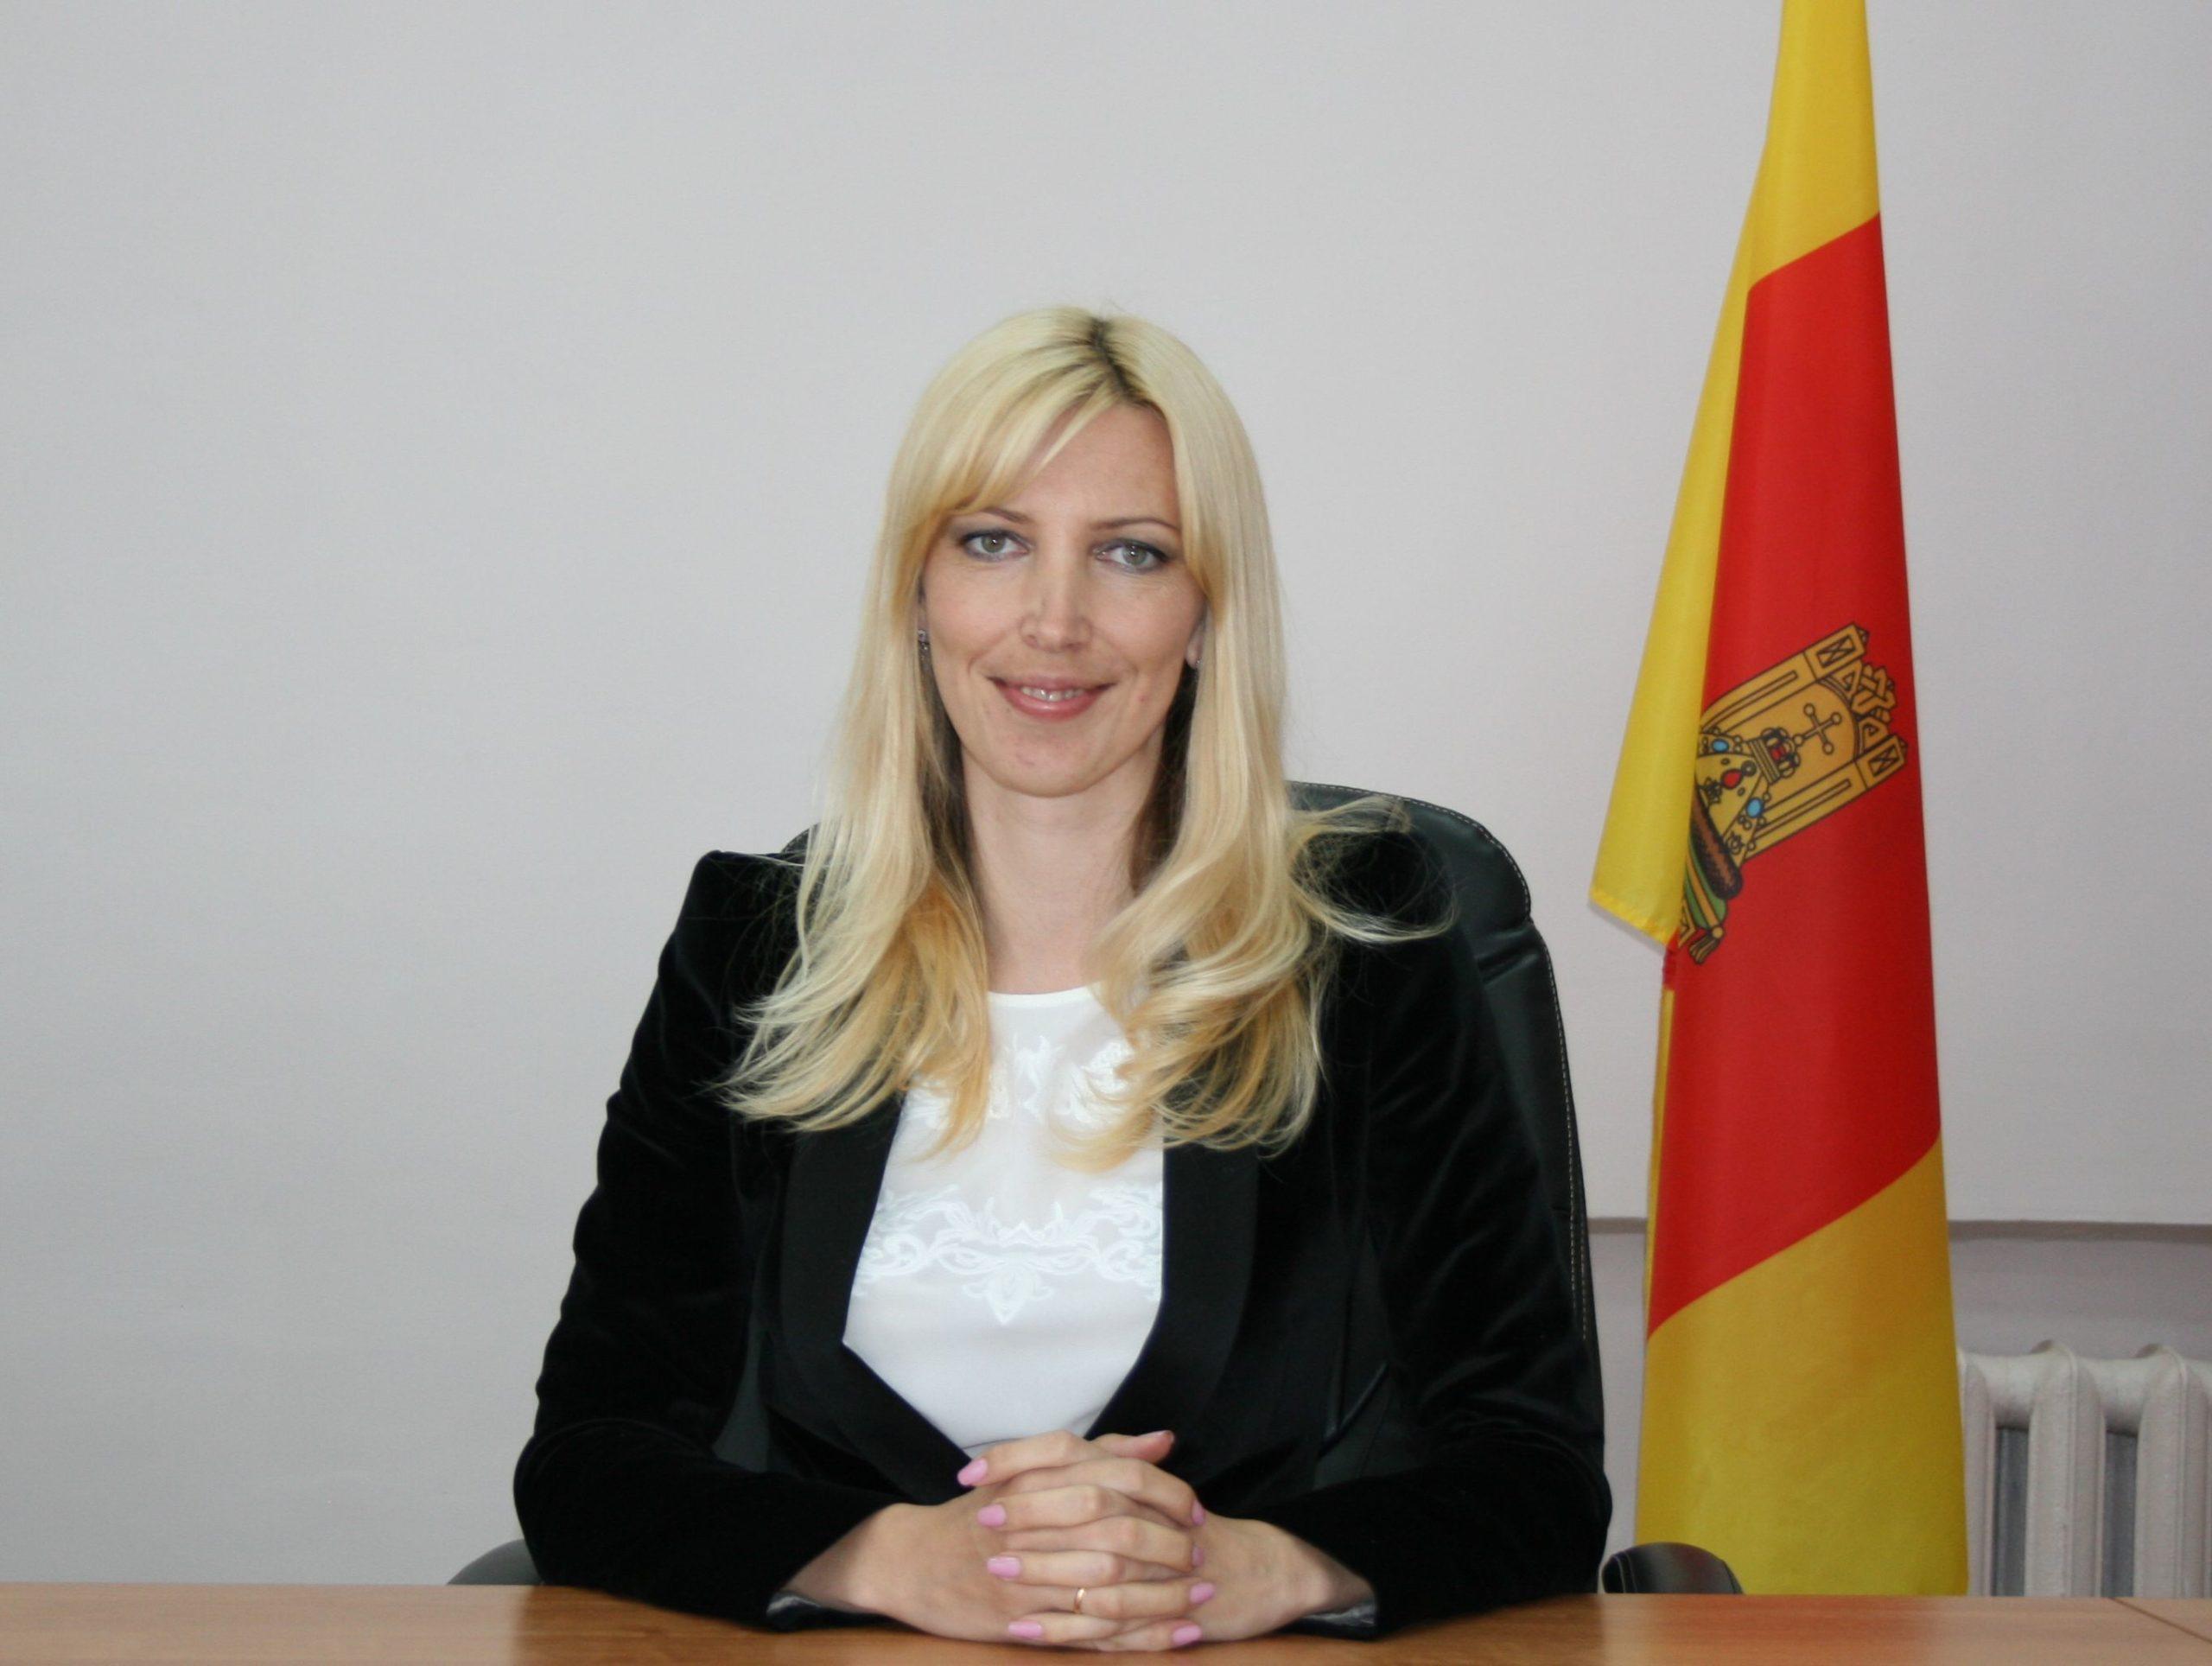 Татьяна Дубова: Многодетным иногда приходится помогать в оформлении документов